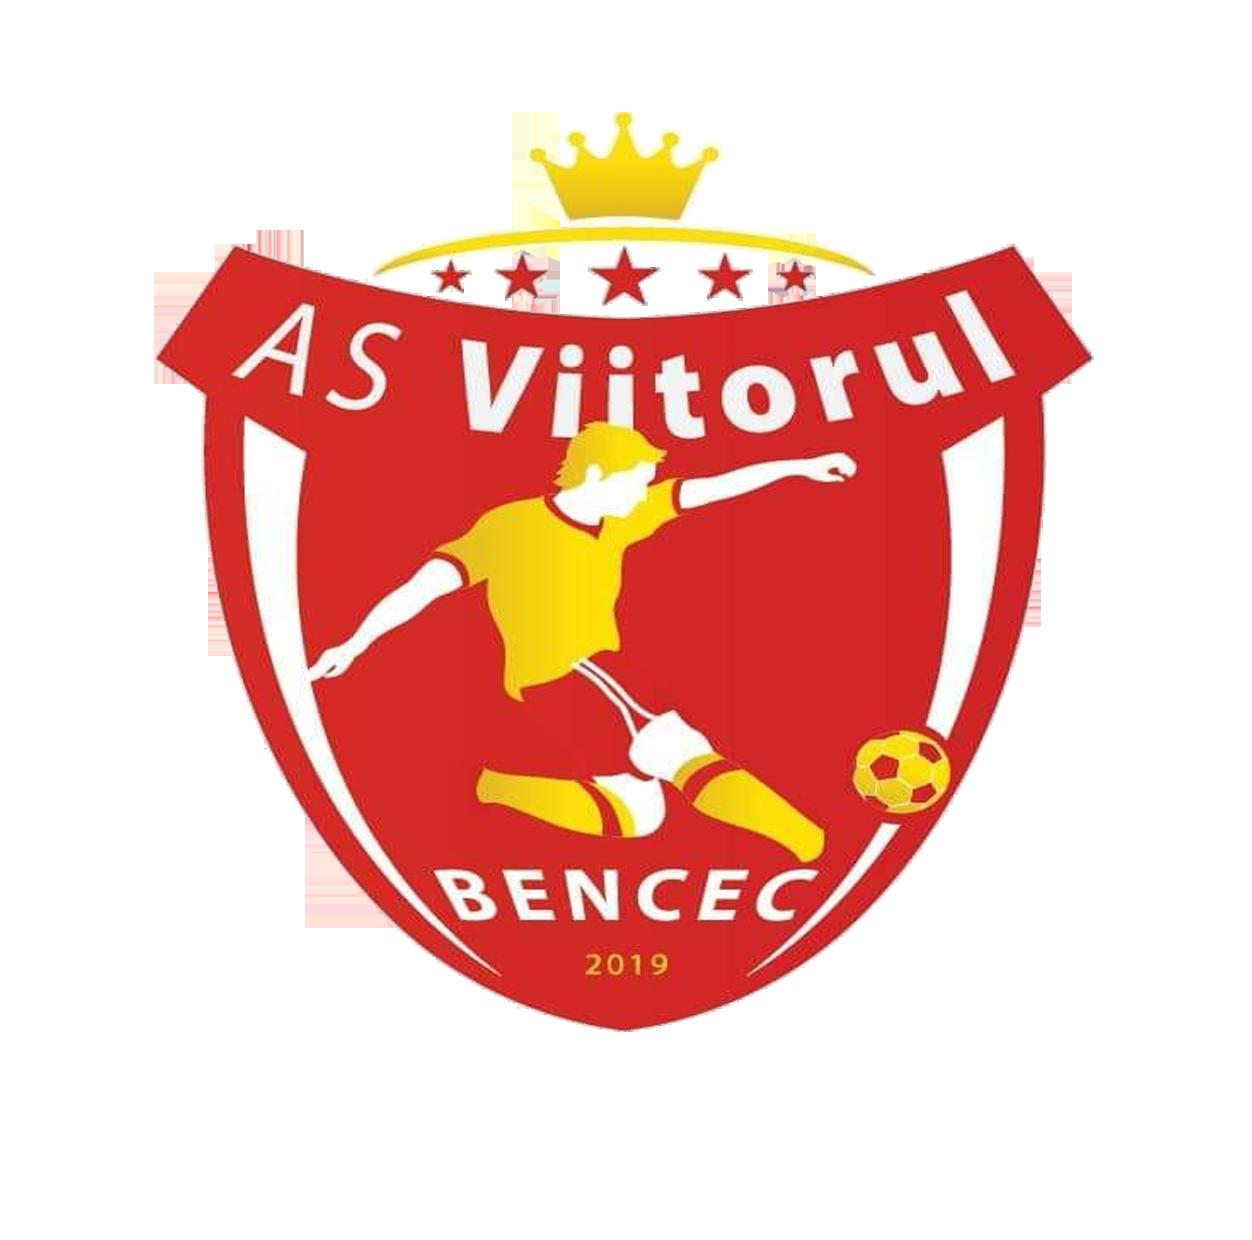 AS Viitorul Bencec